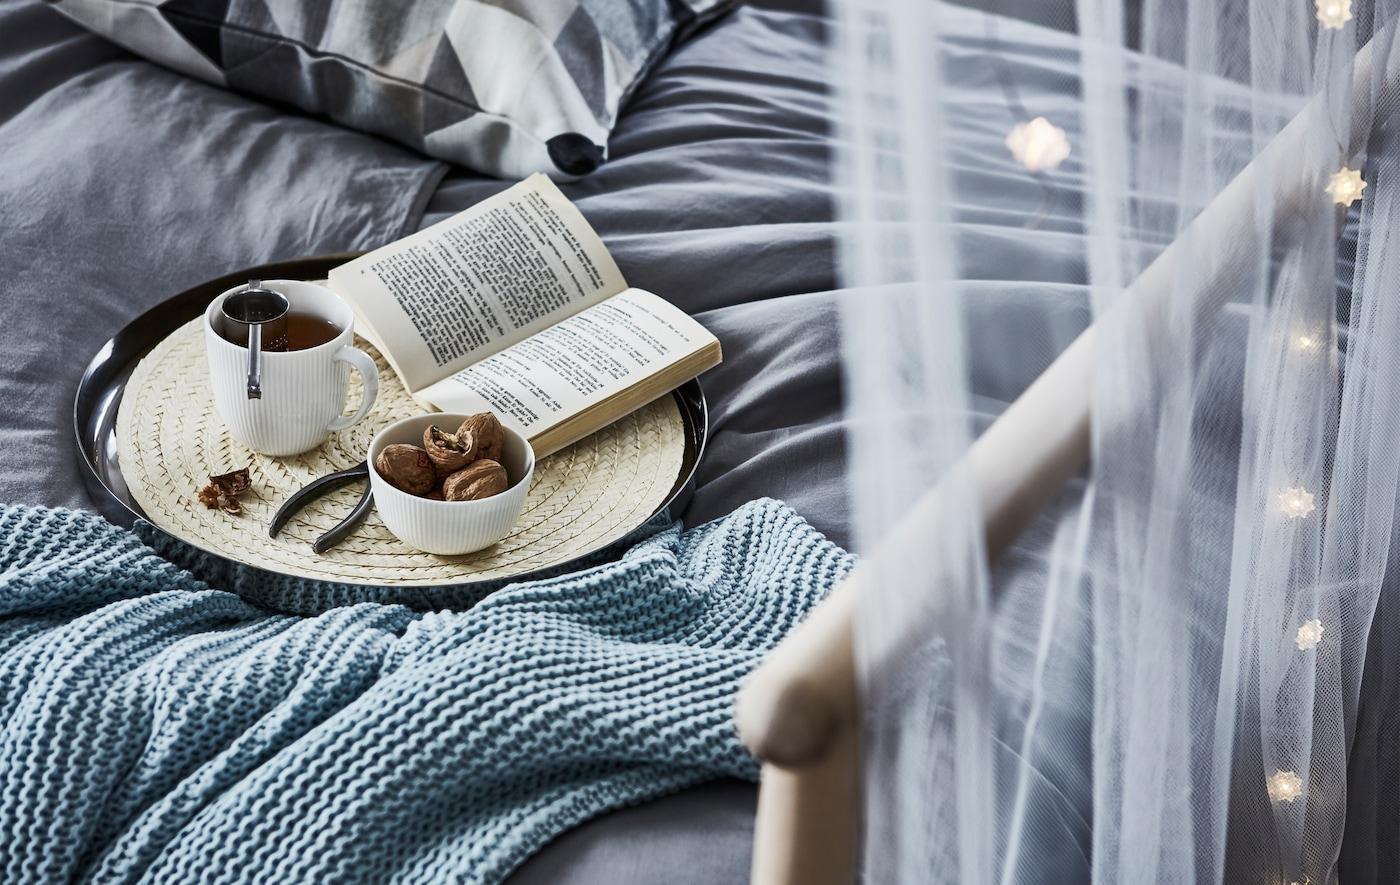 Quando os níveis de stress aumentam, refugie-se num espaço sossegado com uma chávena de chá, o seu livro favorito e muitos têxteis acolhedores.